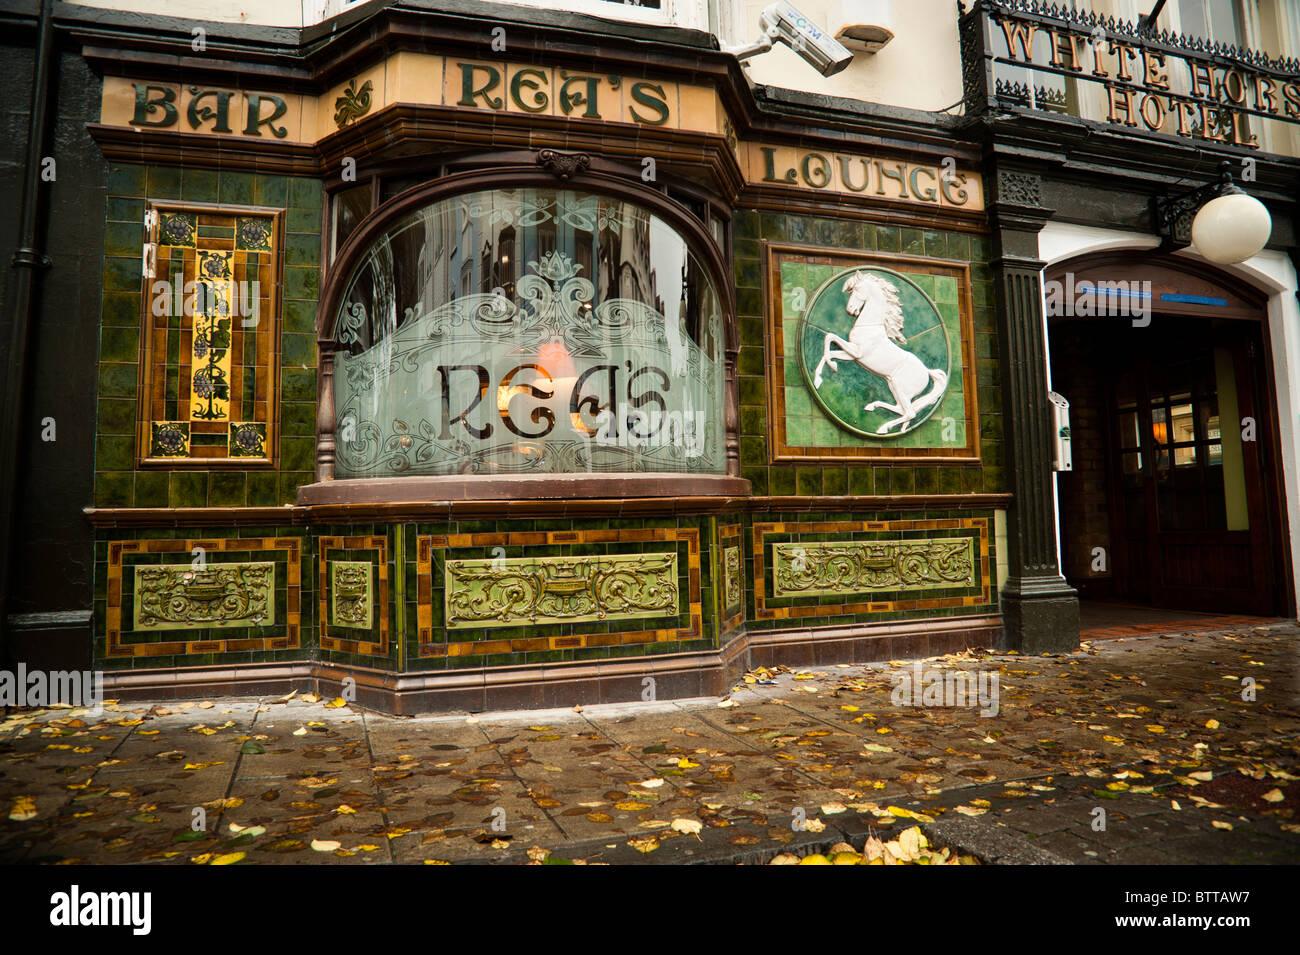 L'ancienne façade carrelée Victorien et gravée de fenêtre Rea's Bar lounge Aberystwyth Photo Stock